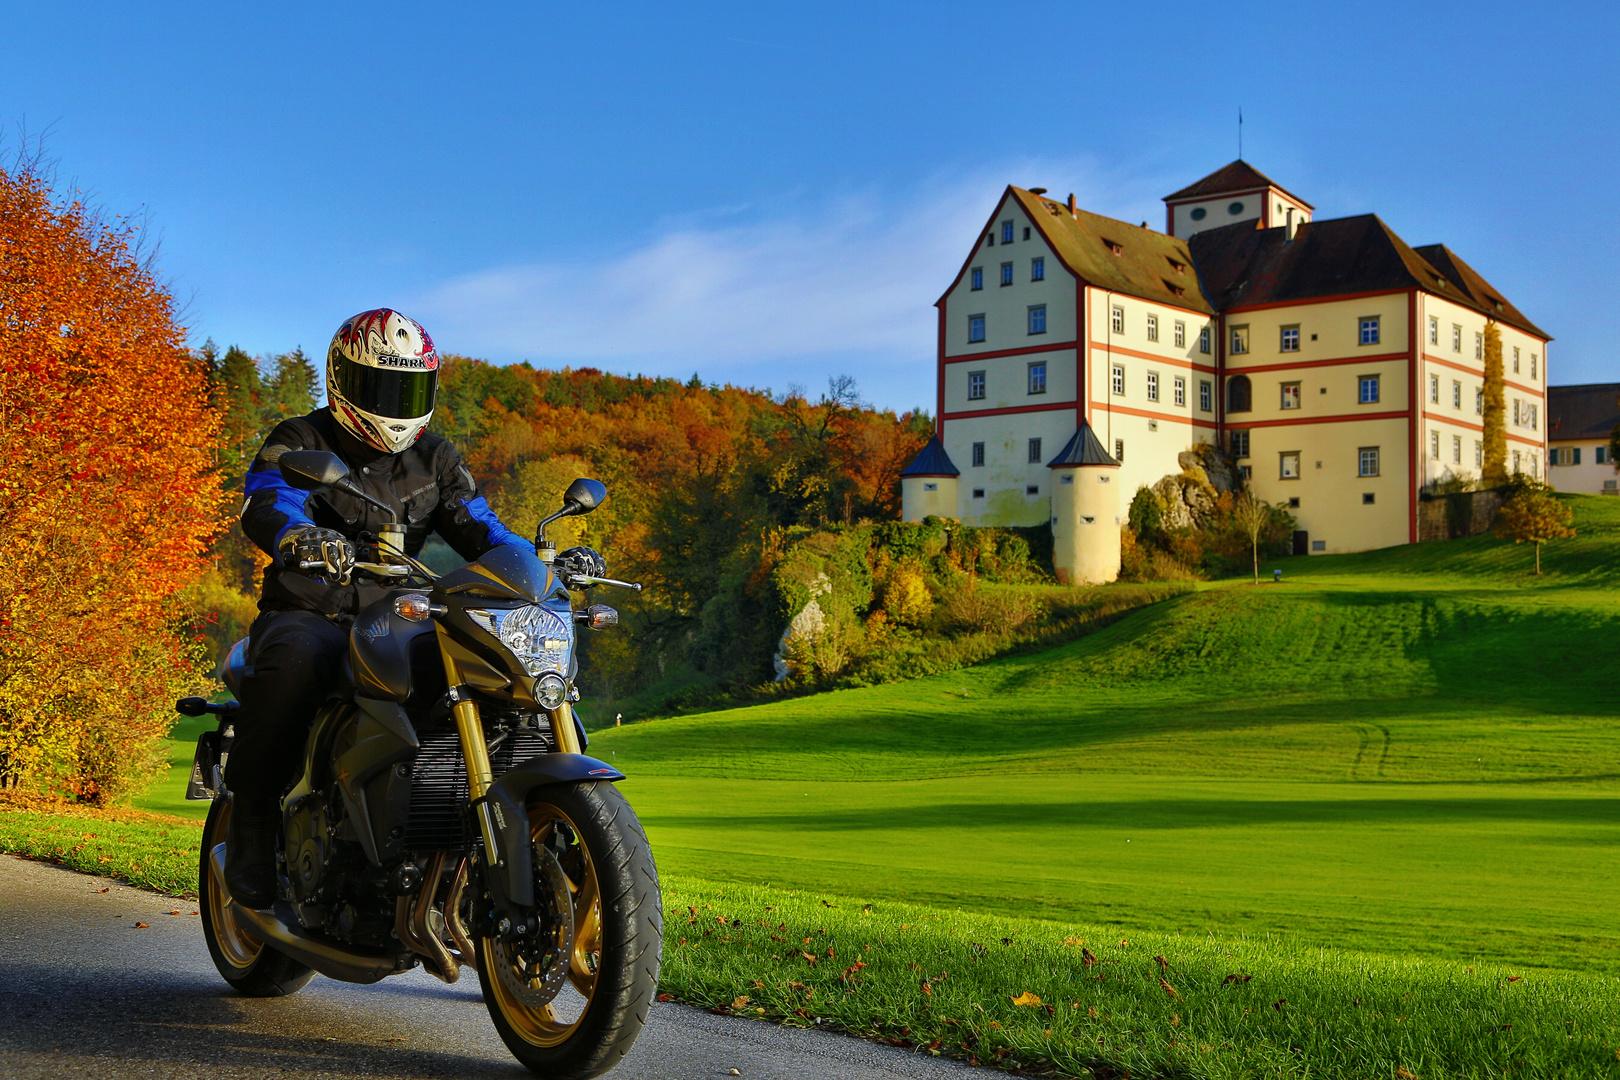 Motorrad und Landschaft